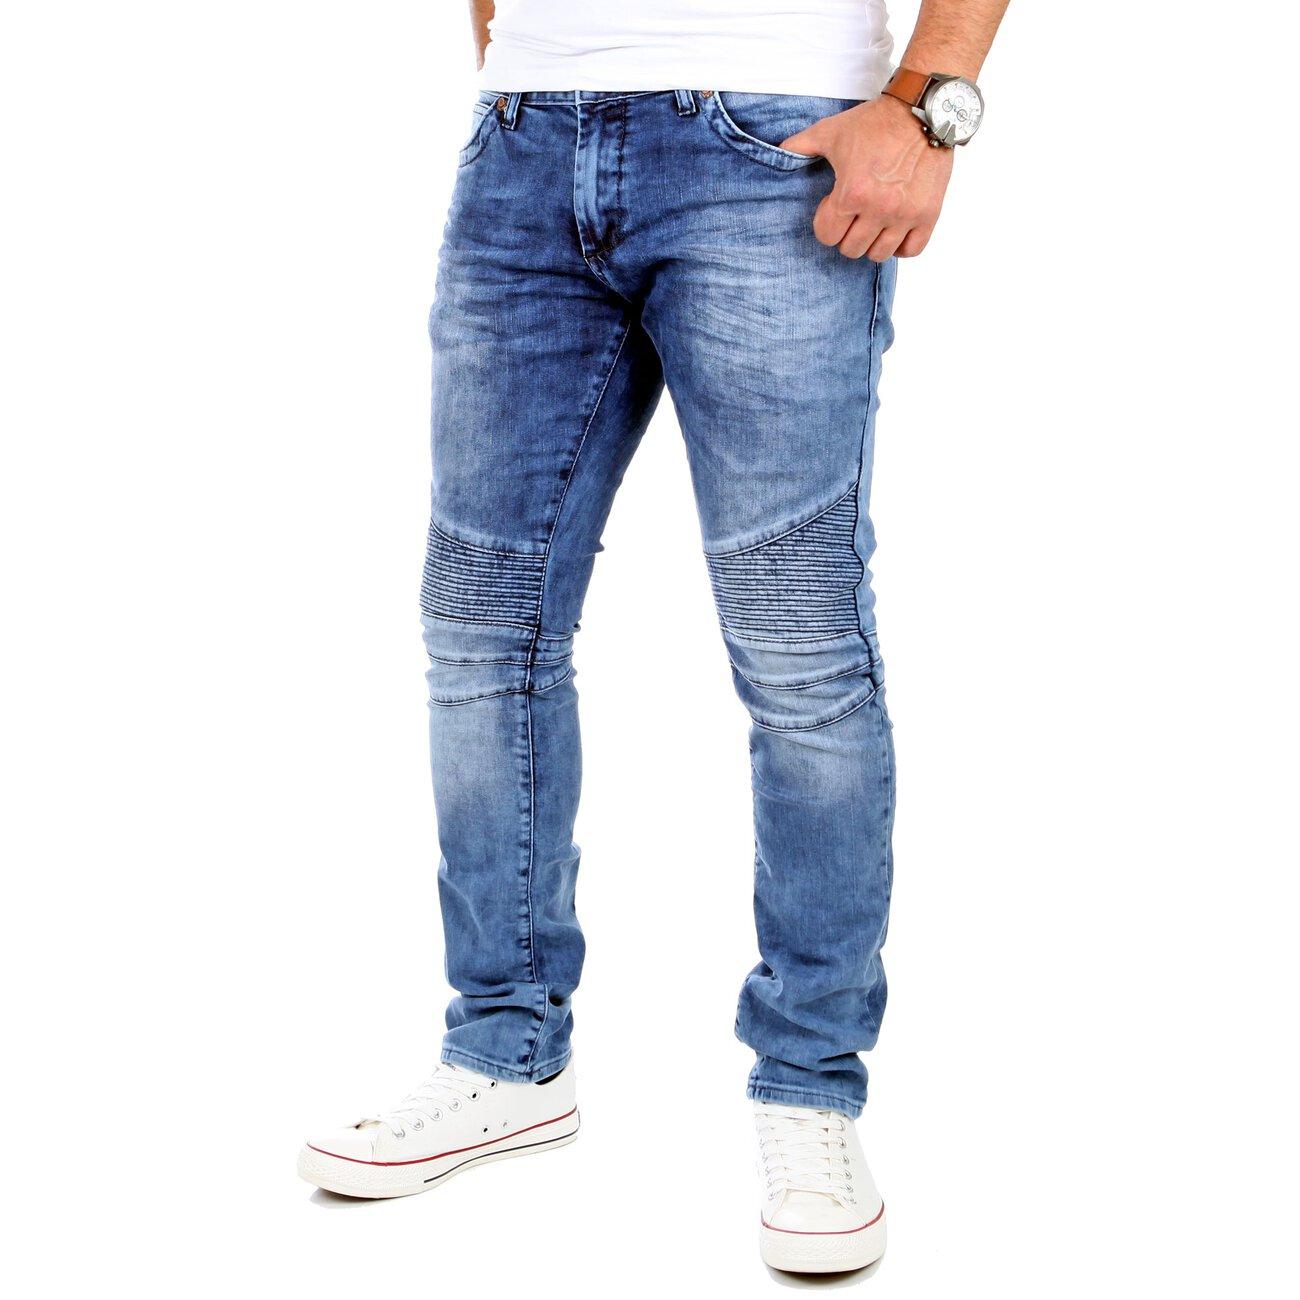 rerock jeans herren slim fit biker look denim jeanshose rr. Black Bedroom Furniture Sets. Home Design Ideas